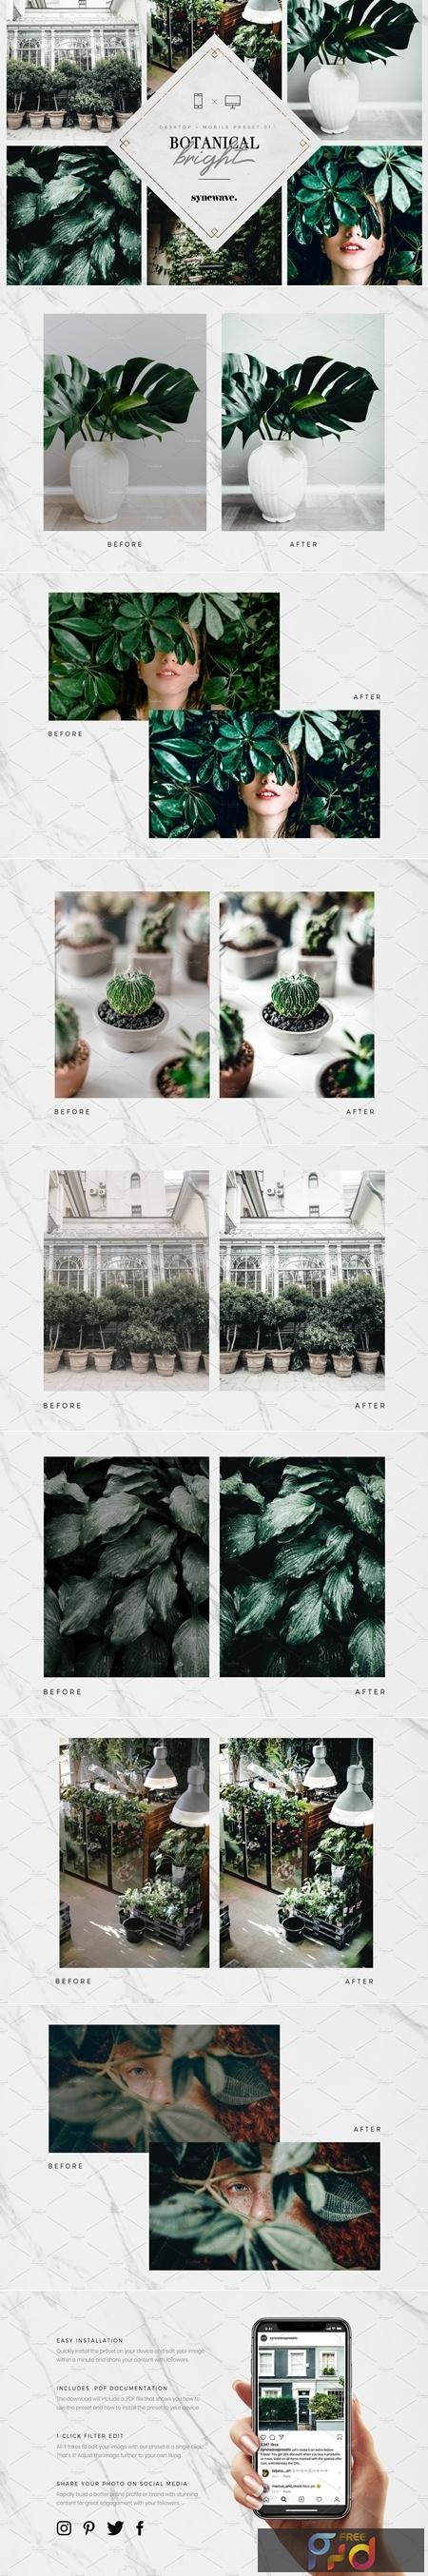 10 Botanical Lightroom Presets 3610687 1